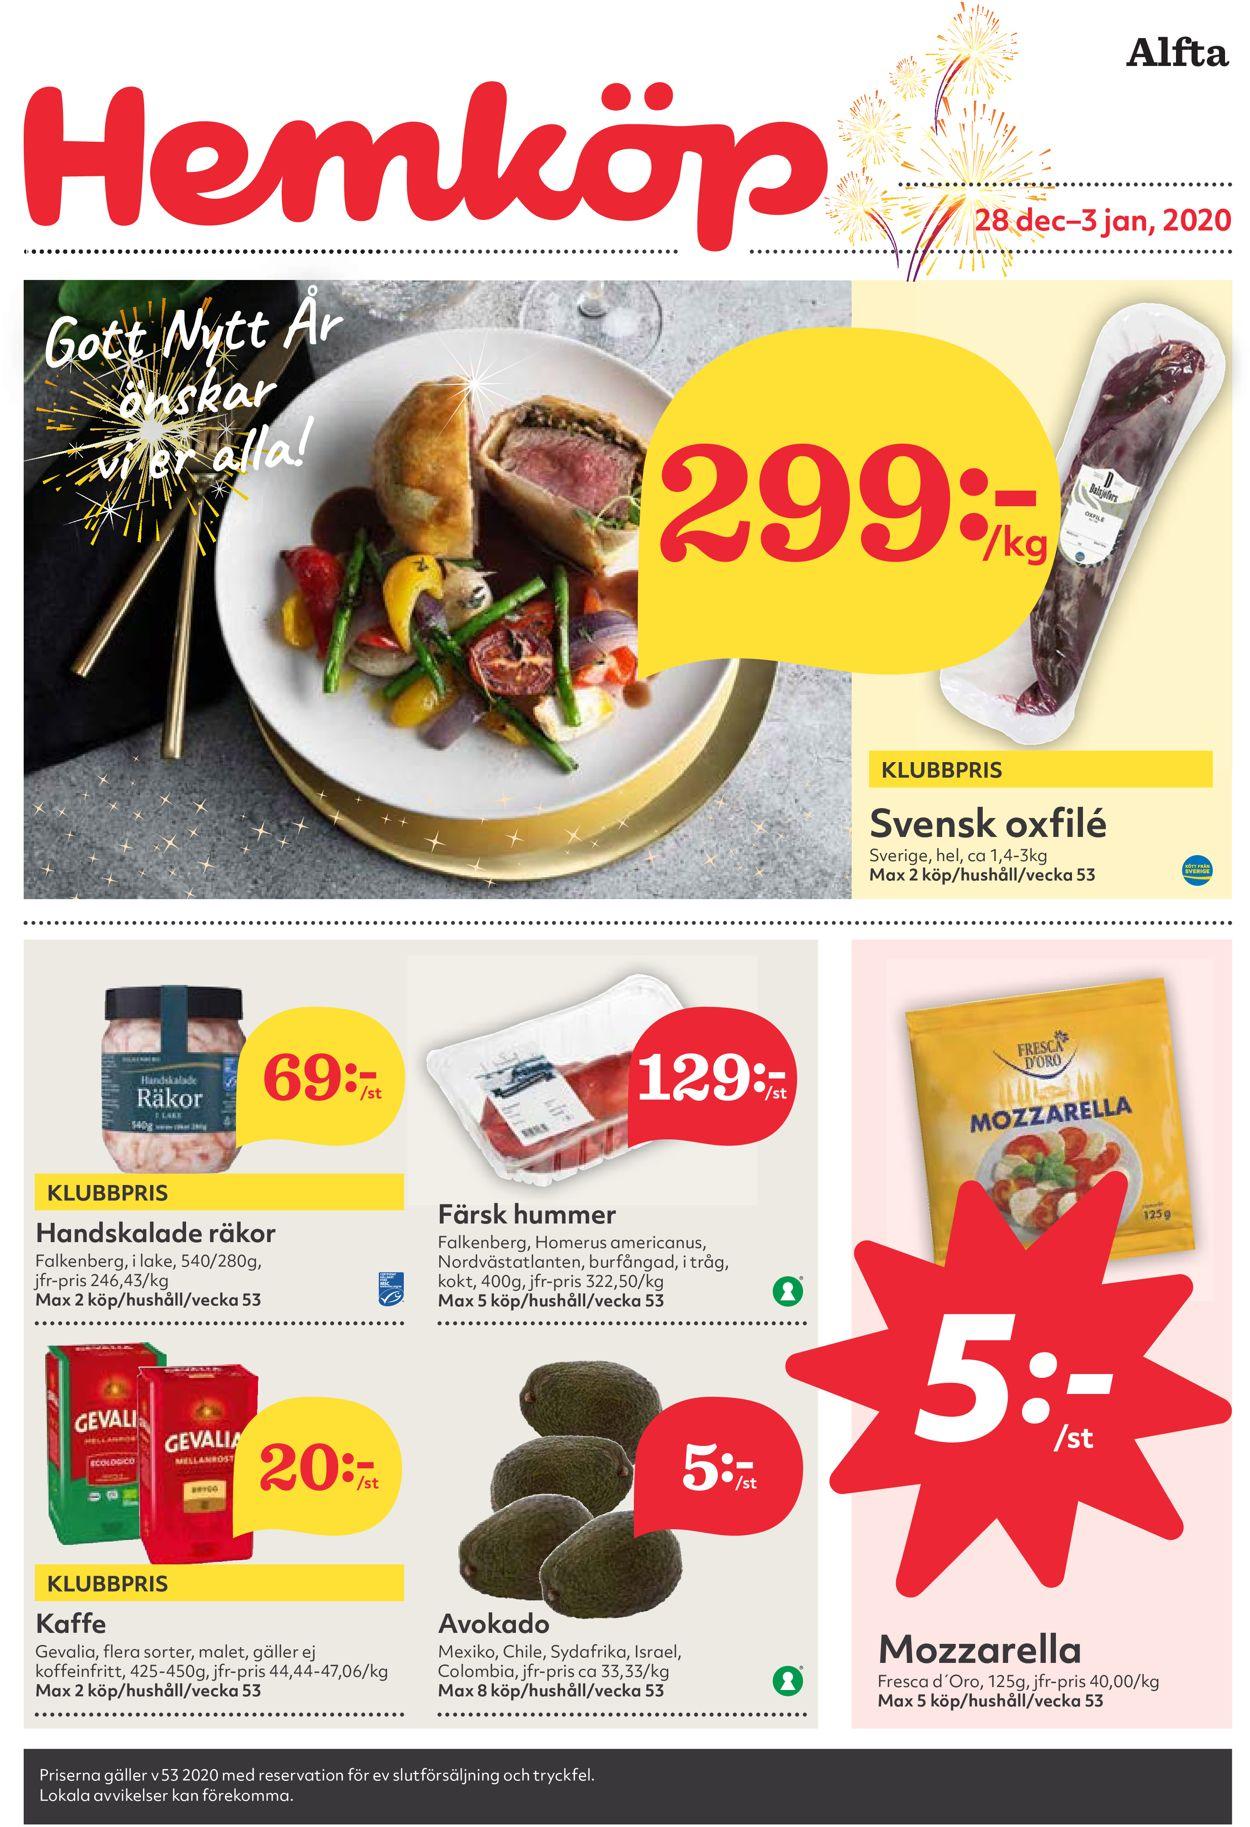 Hemköp - Julen 2020 - Reklamblad - 28/12-03/01-2021